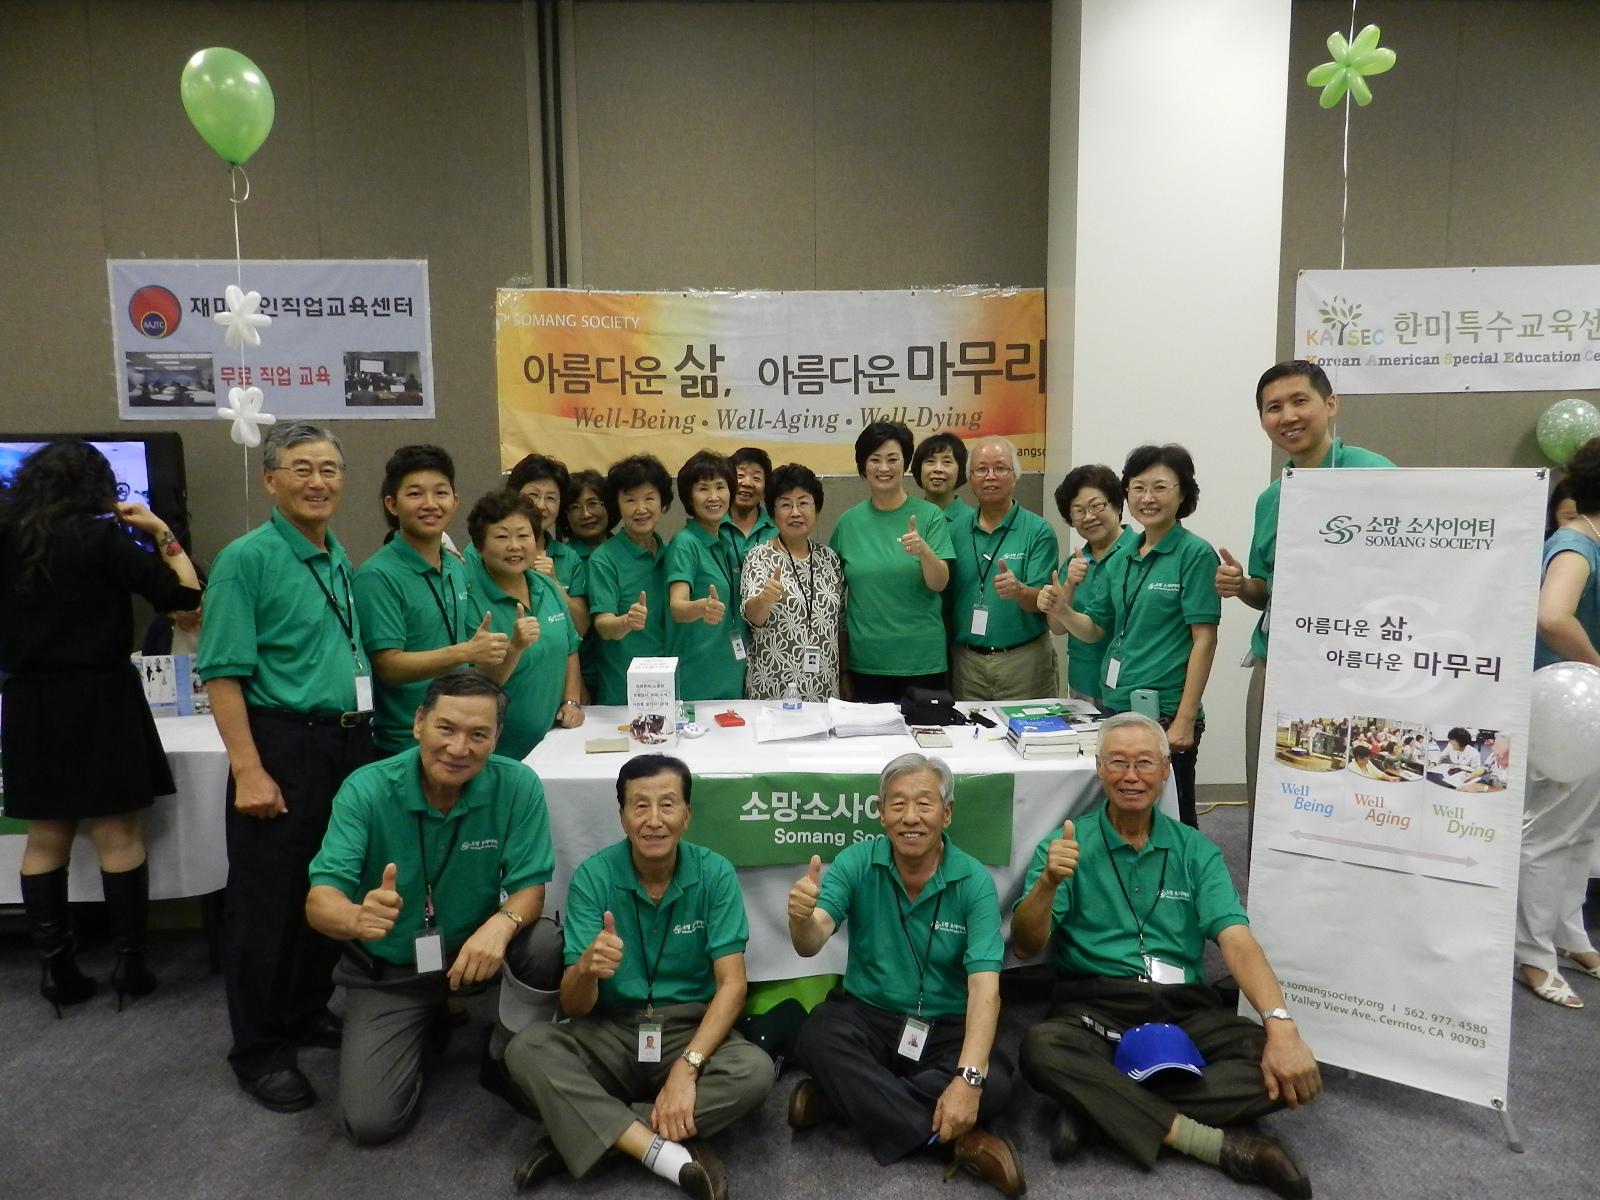 Open Bank 청지기 재단 비영리 단체 박람회